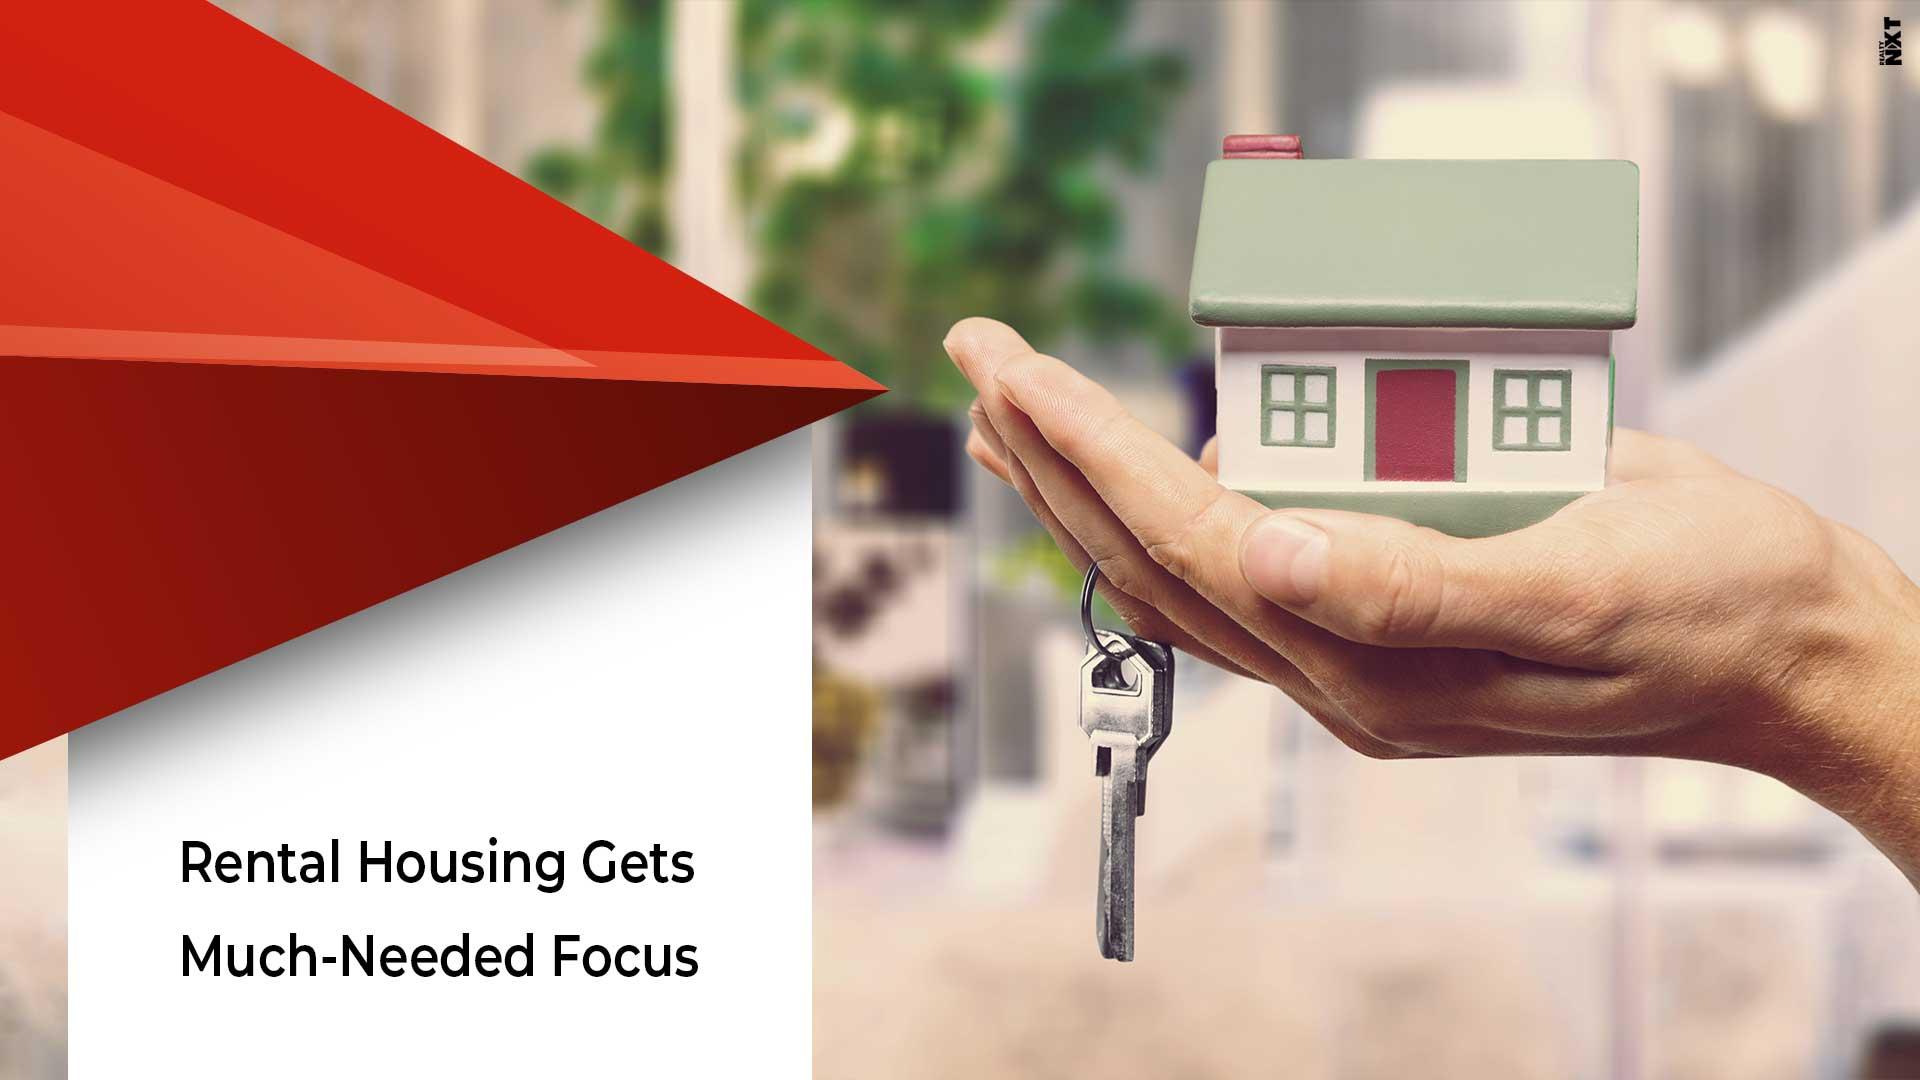 Urban India Needs Modern Rental Housing Laws